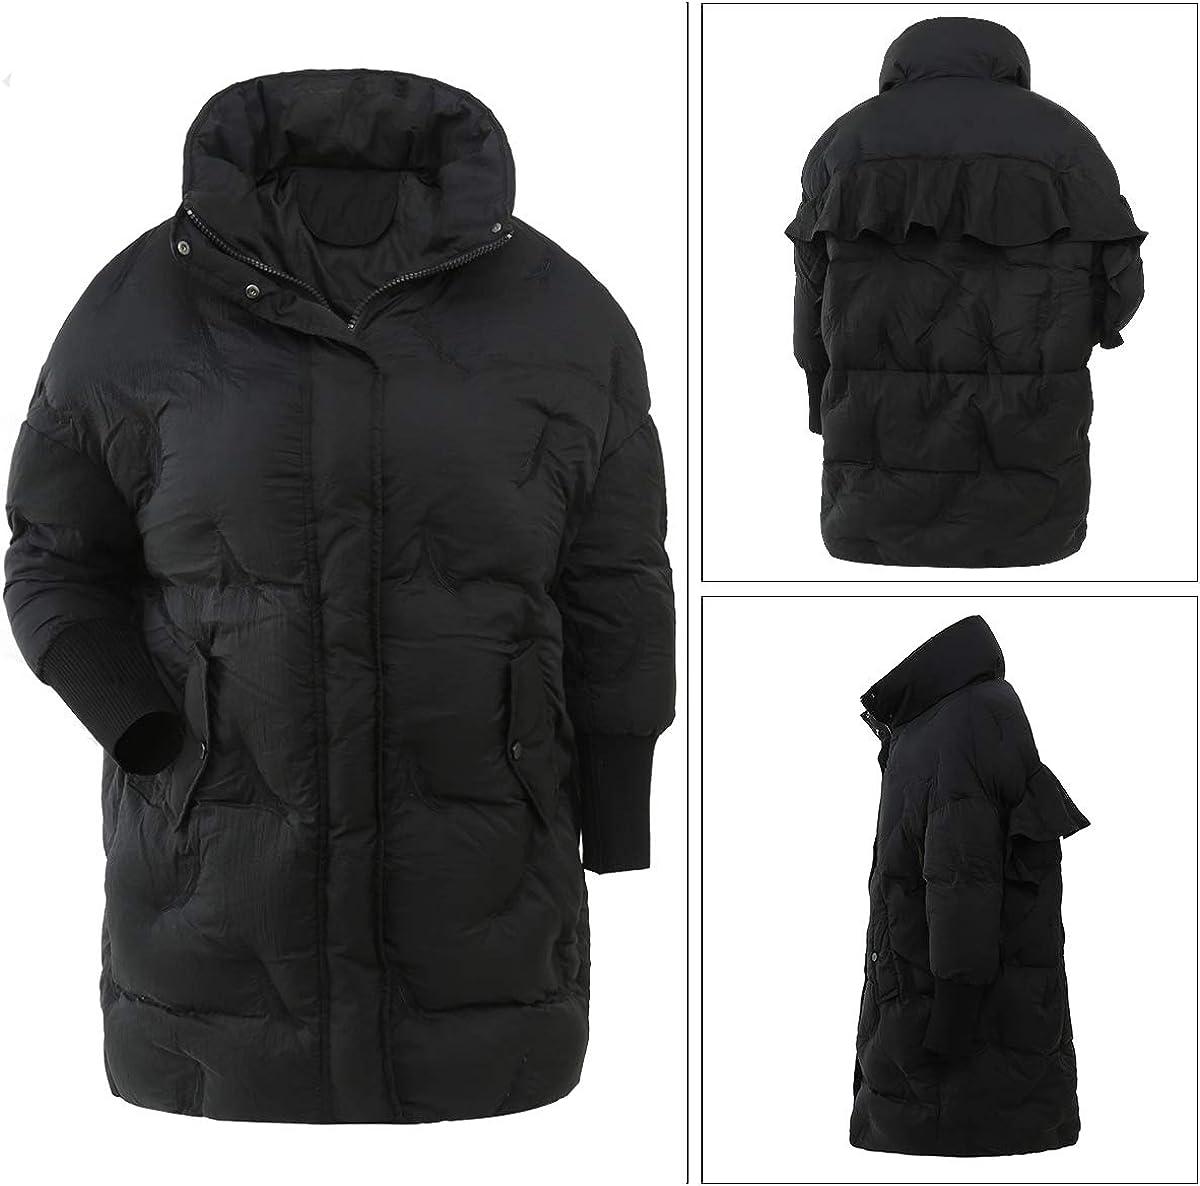 Taschland Cappotto Invernale da Donna Trapuntata Donna Giacca Piumino da Donna alla Moda Nero-706